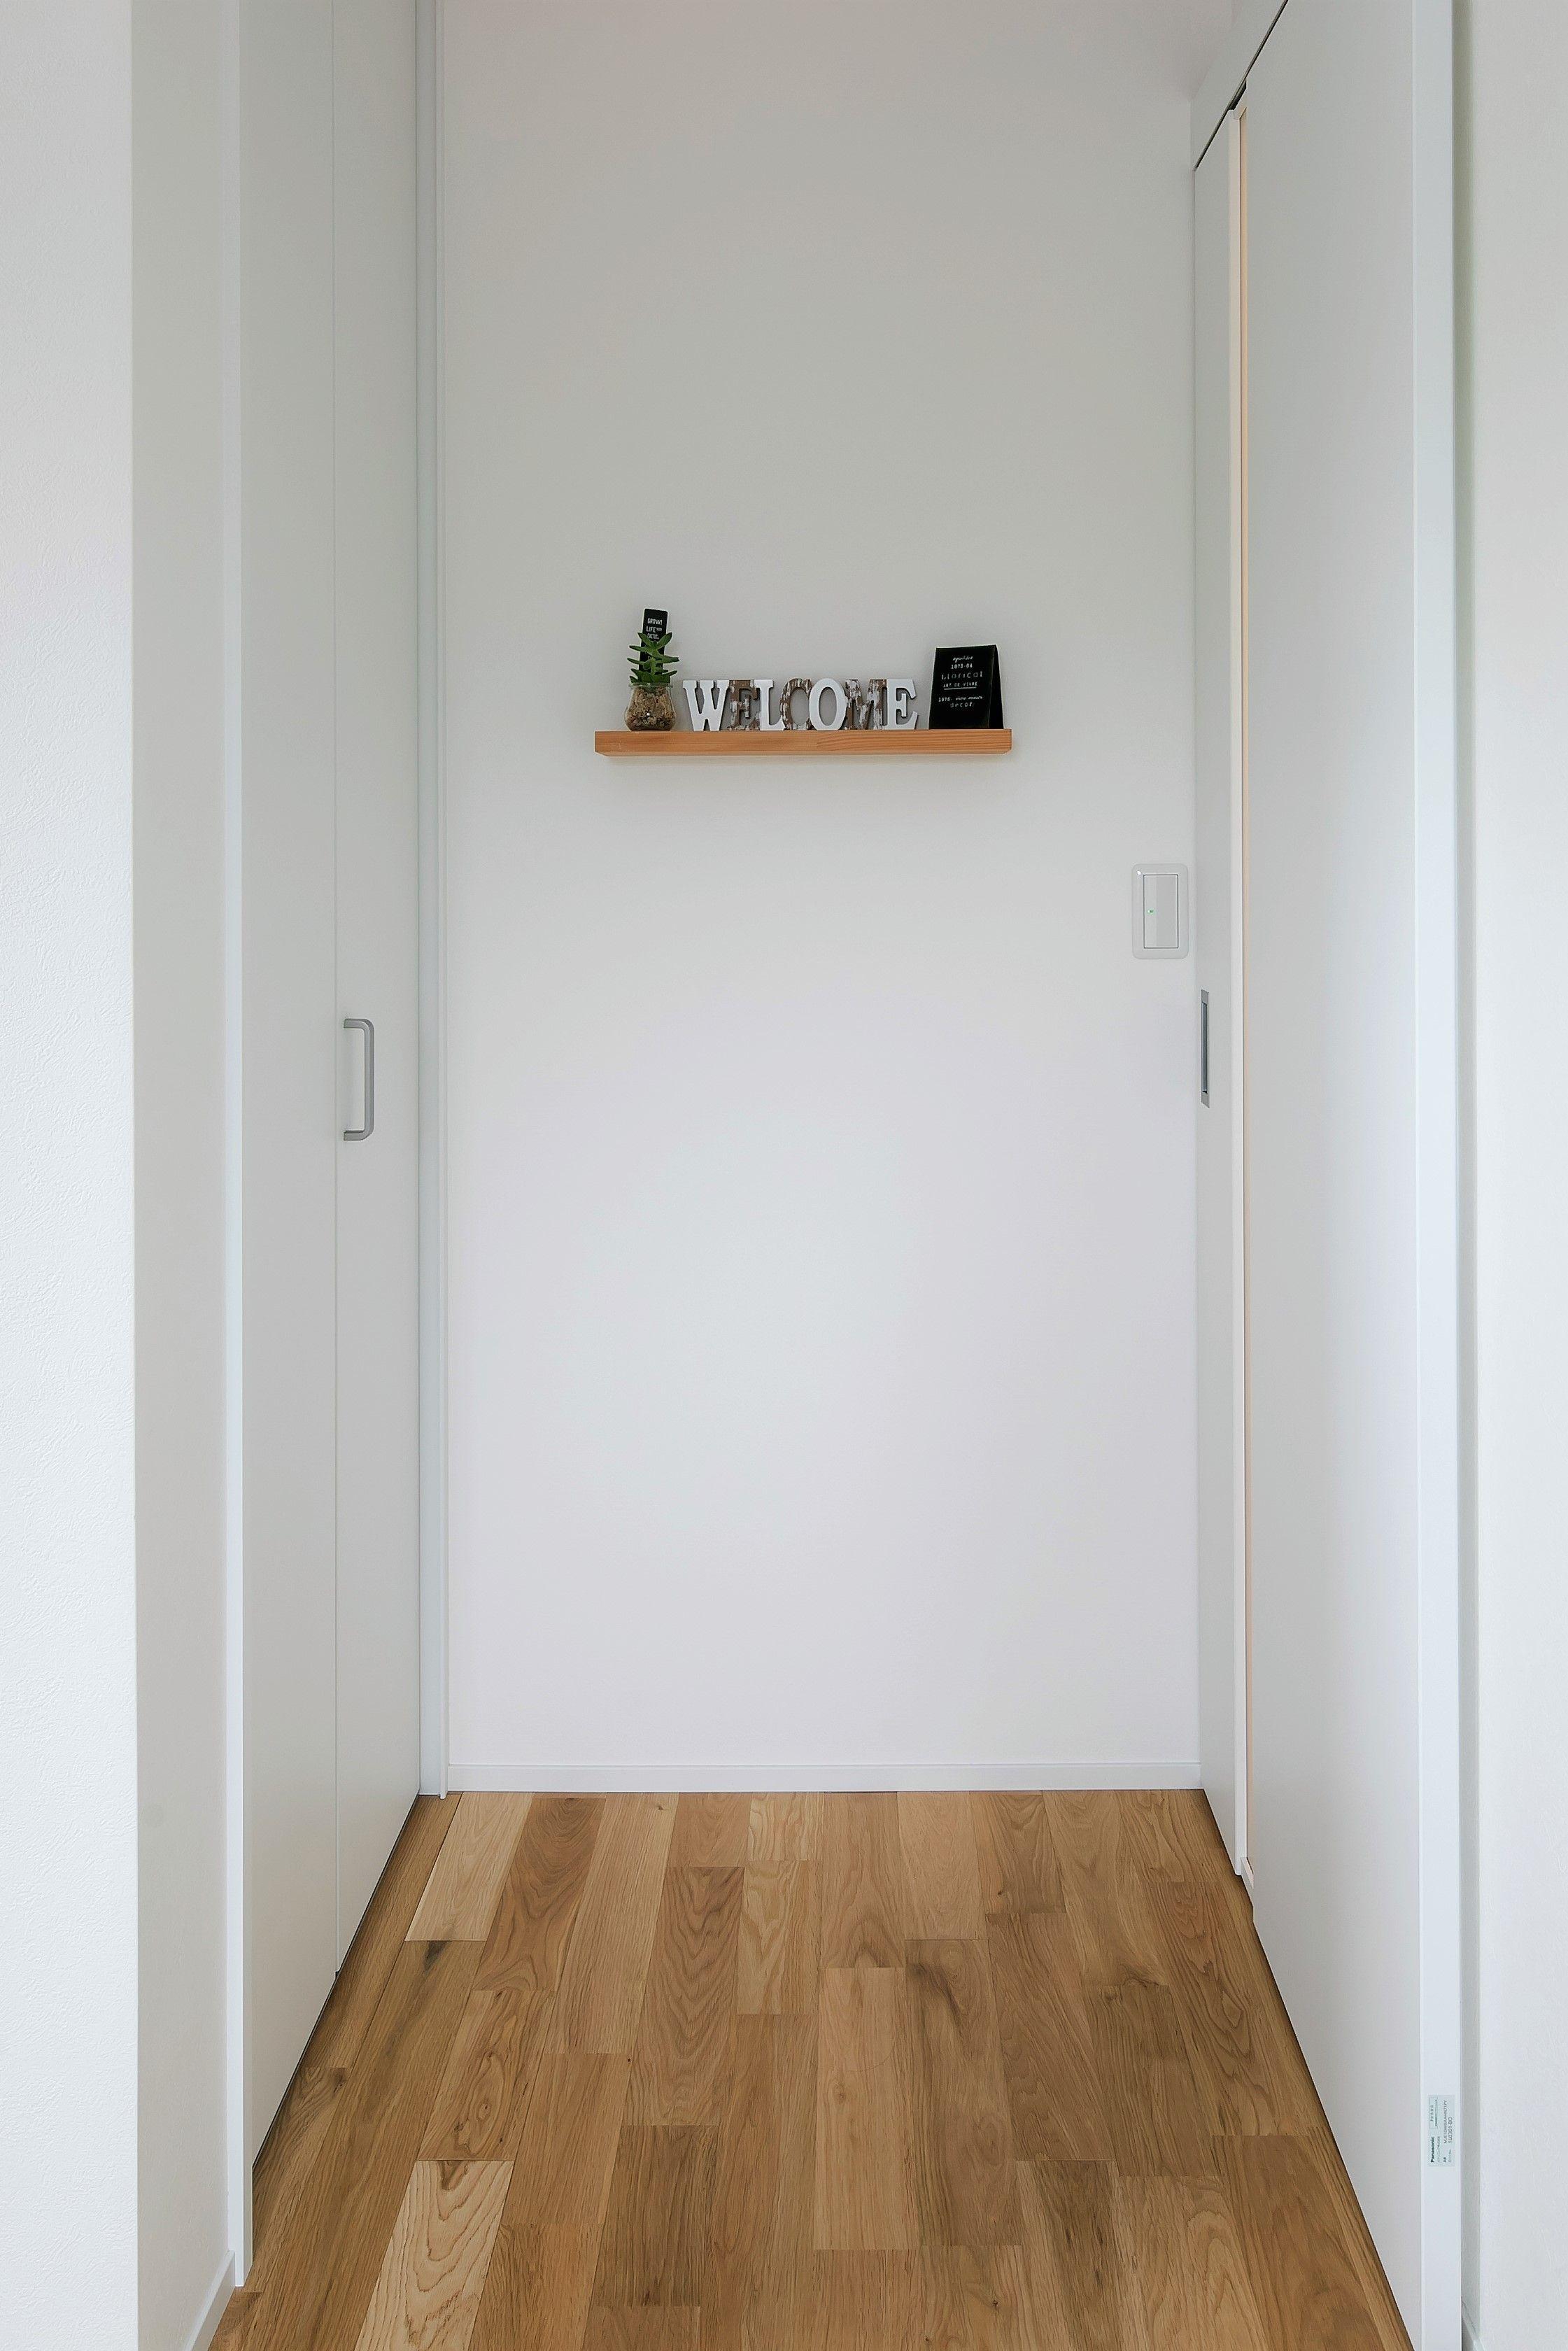 ディスプレイを楽しむ飾り棚 飾り棚 ルポハウス 設計事務所 工務店